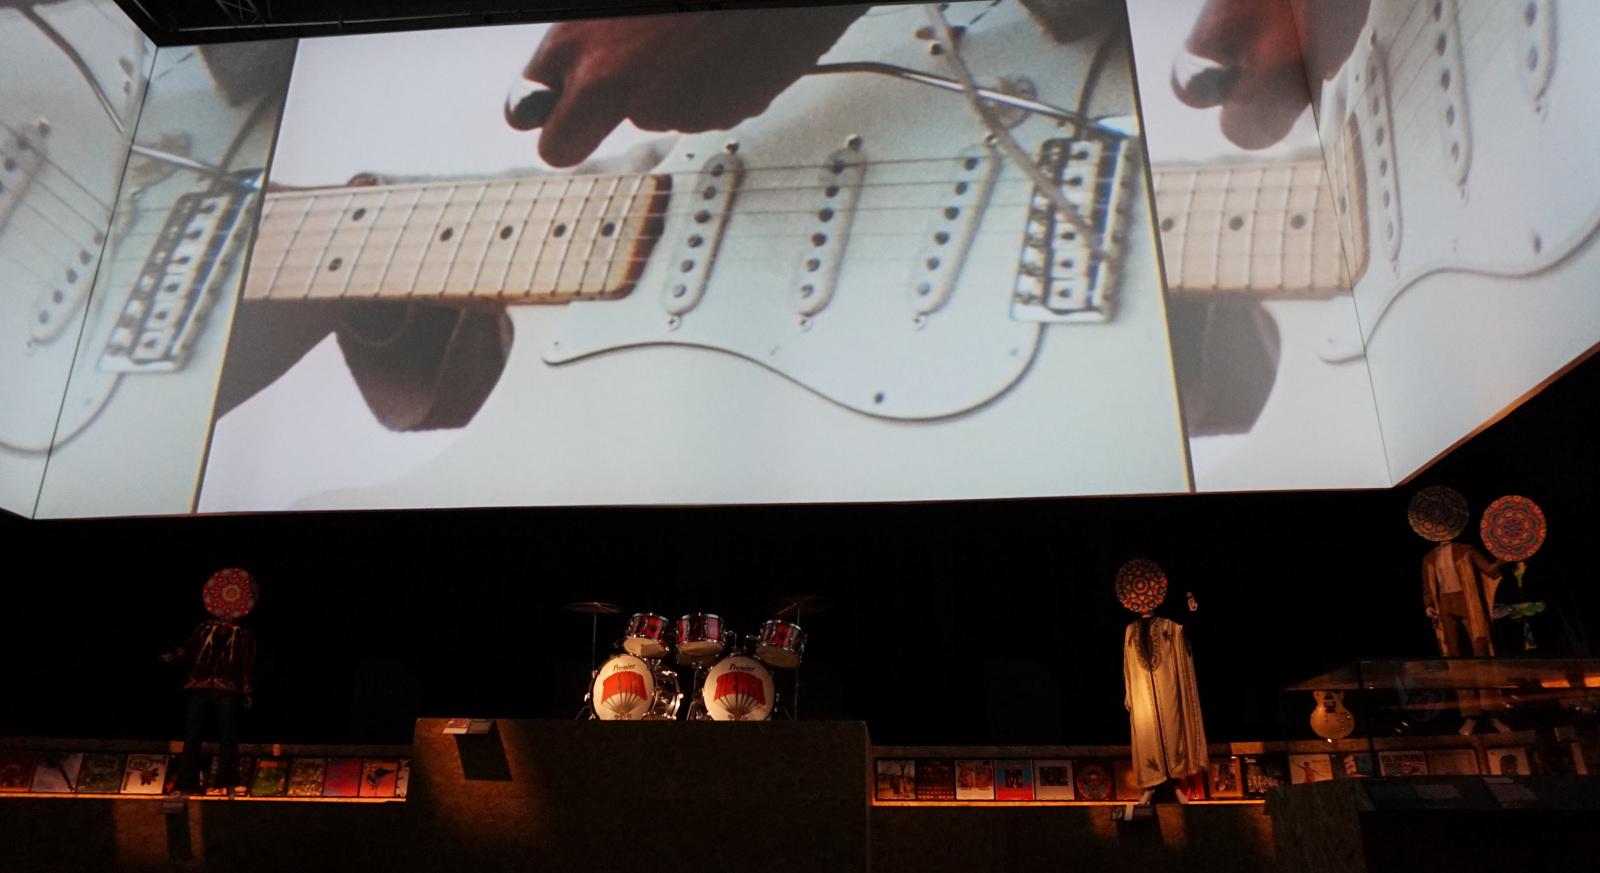 Næsten som at være der selv. Oplev Woodstock-festivalen i 14-kanalers 3D-lyd. Foto: John Alex Hvidlykke, Lyd & Billede